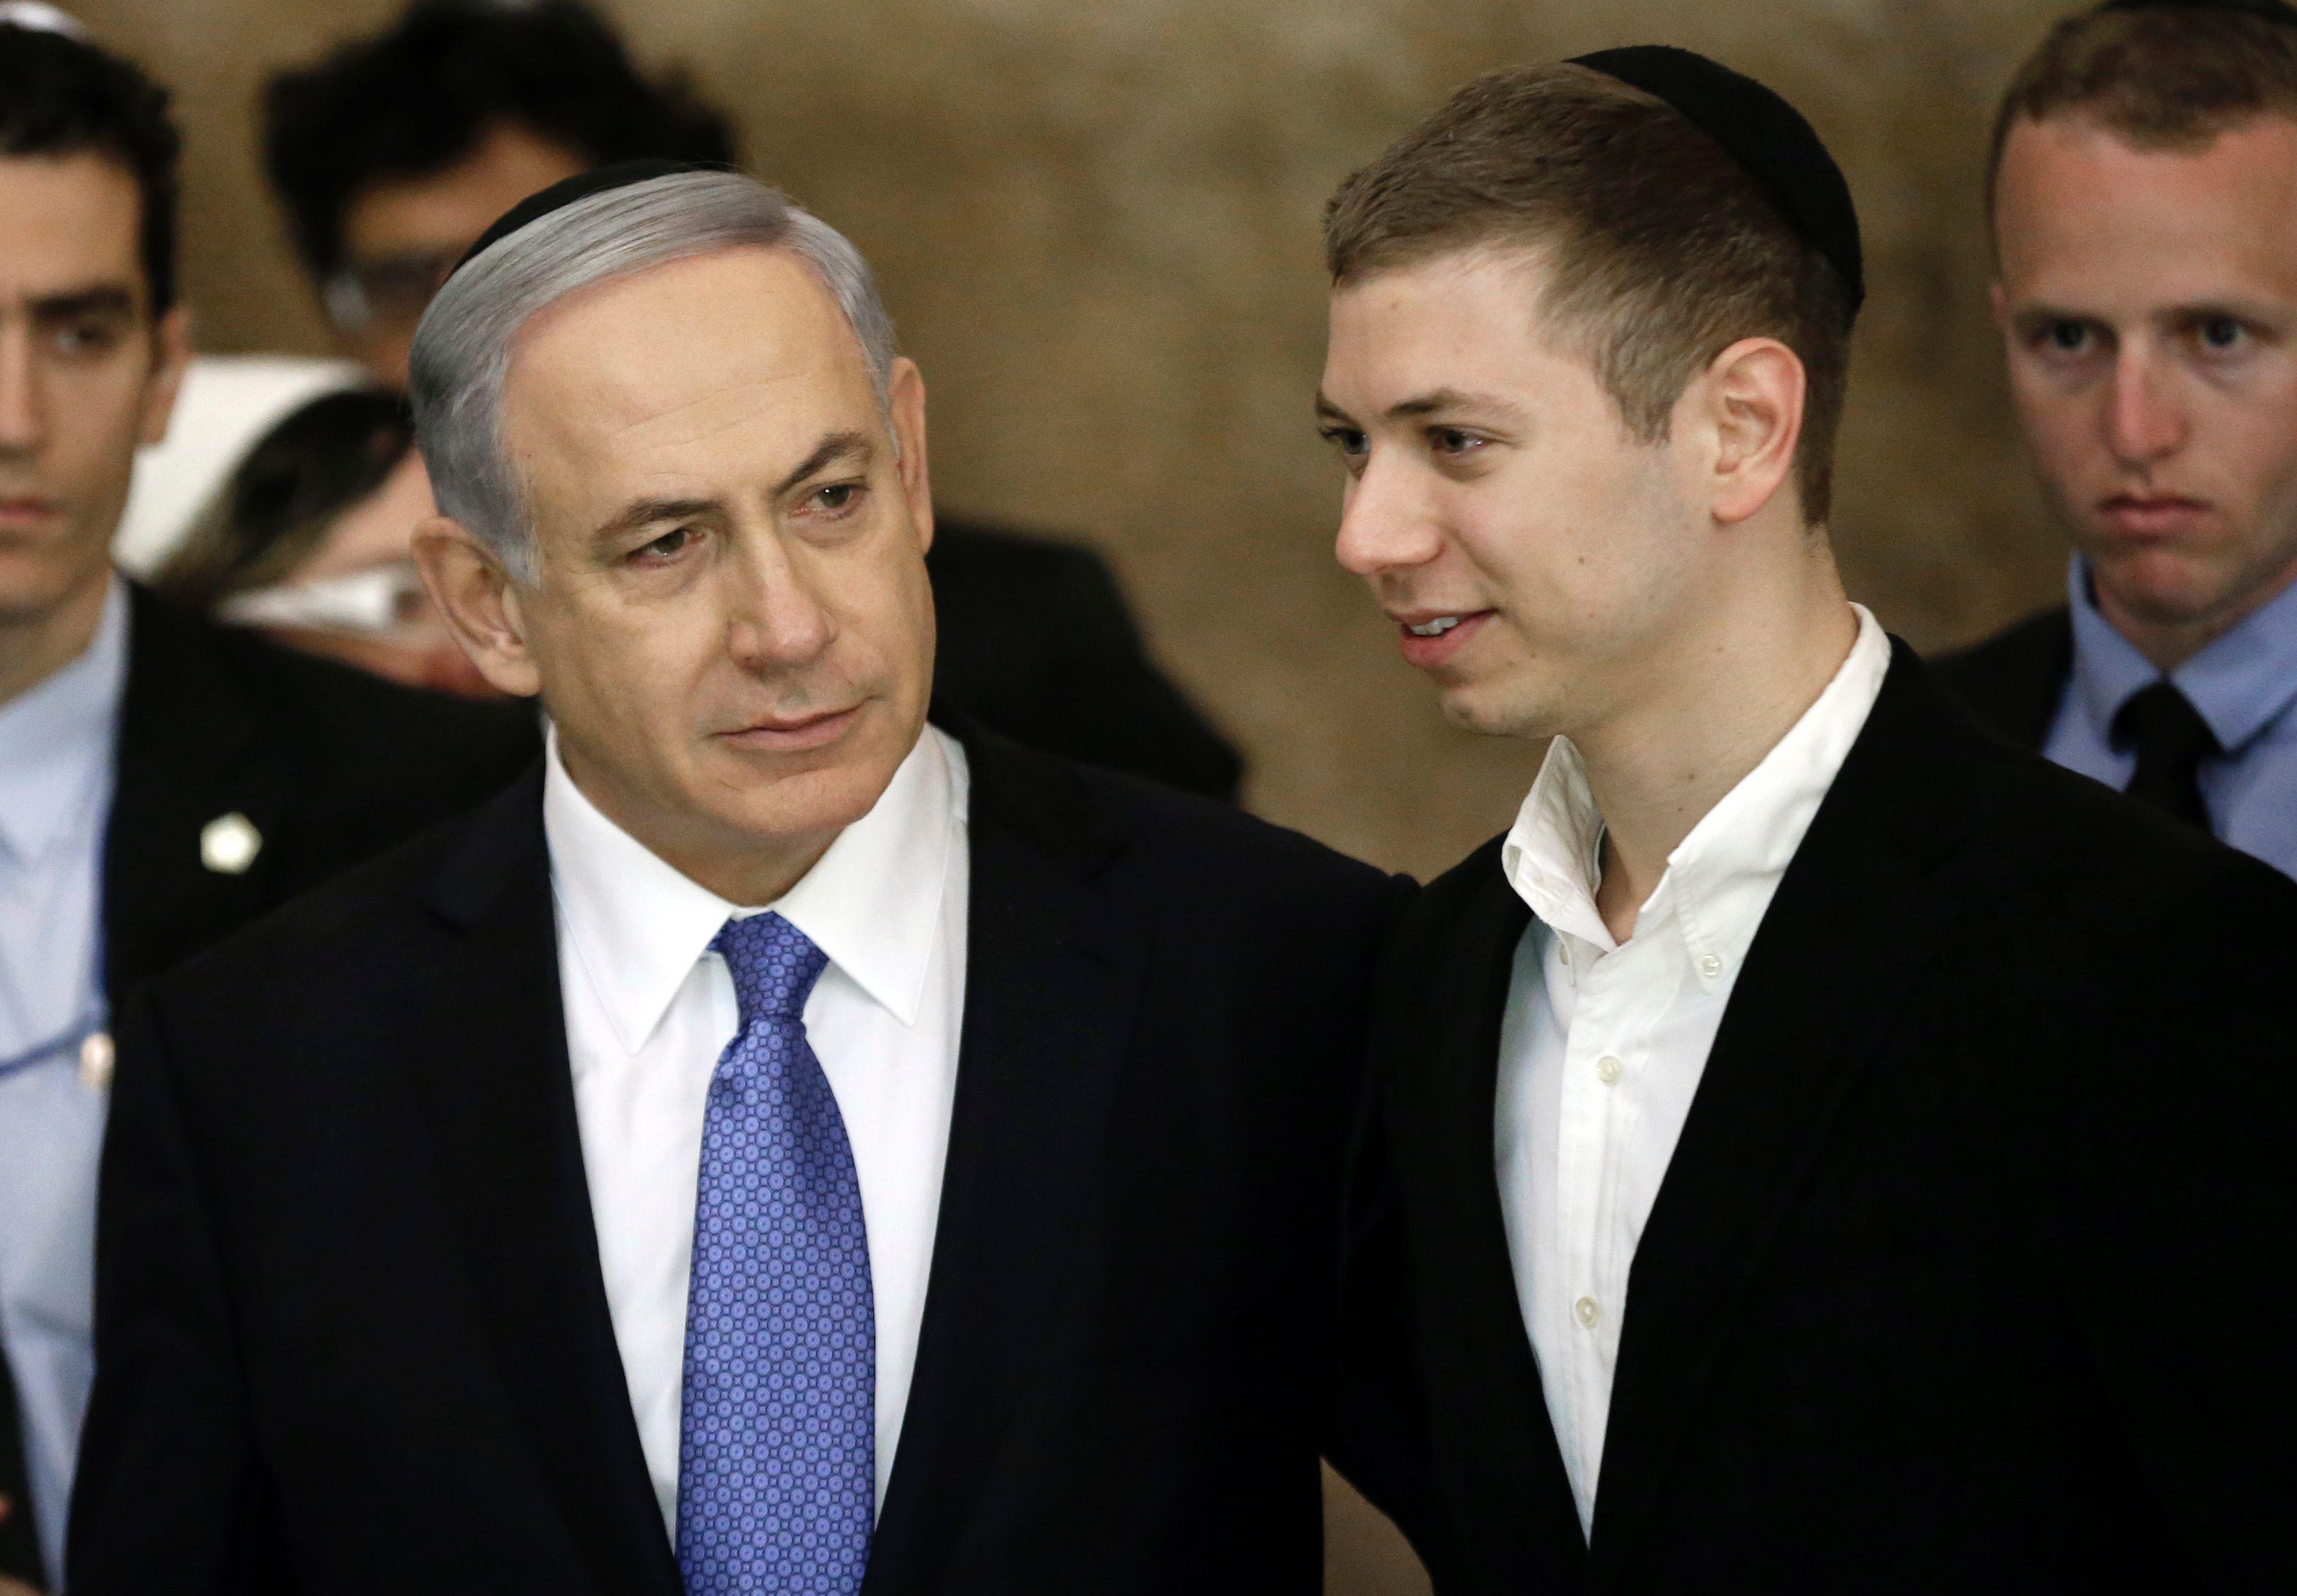 Benjamin netanyahus son dating mother